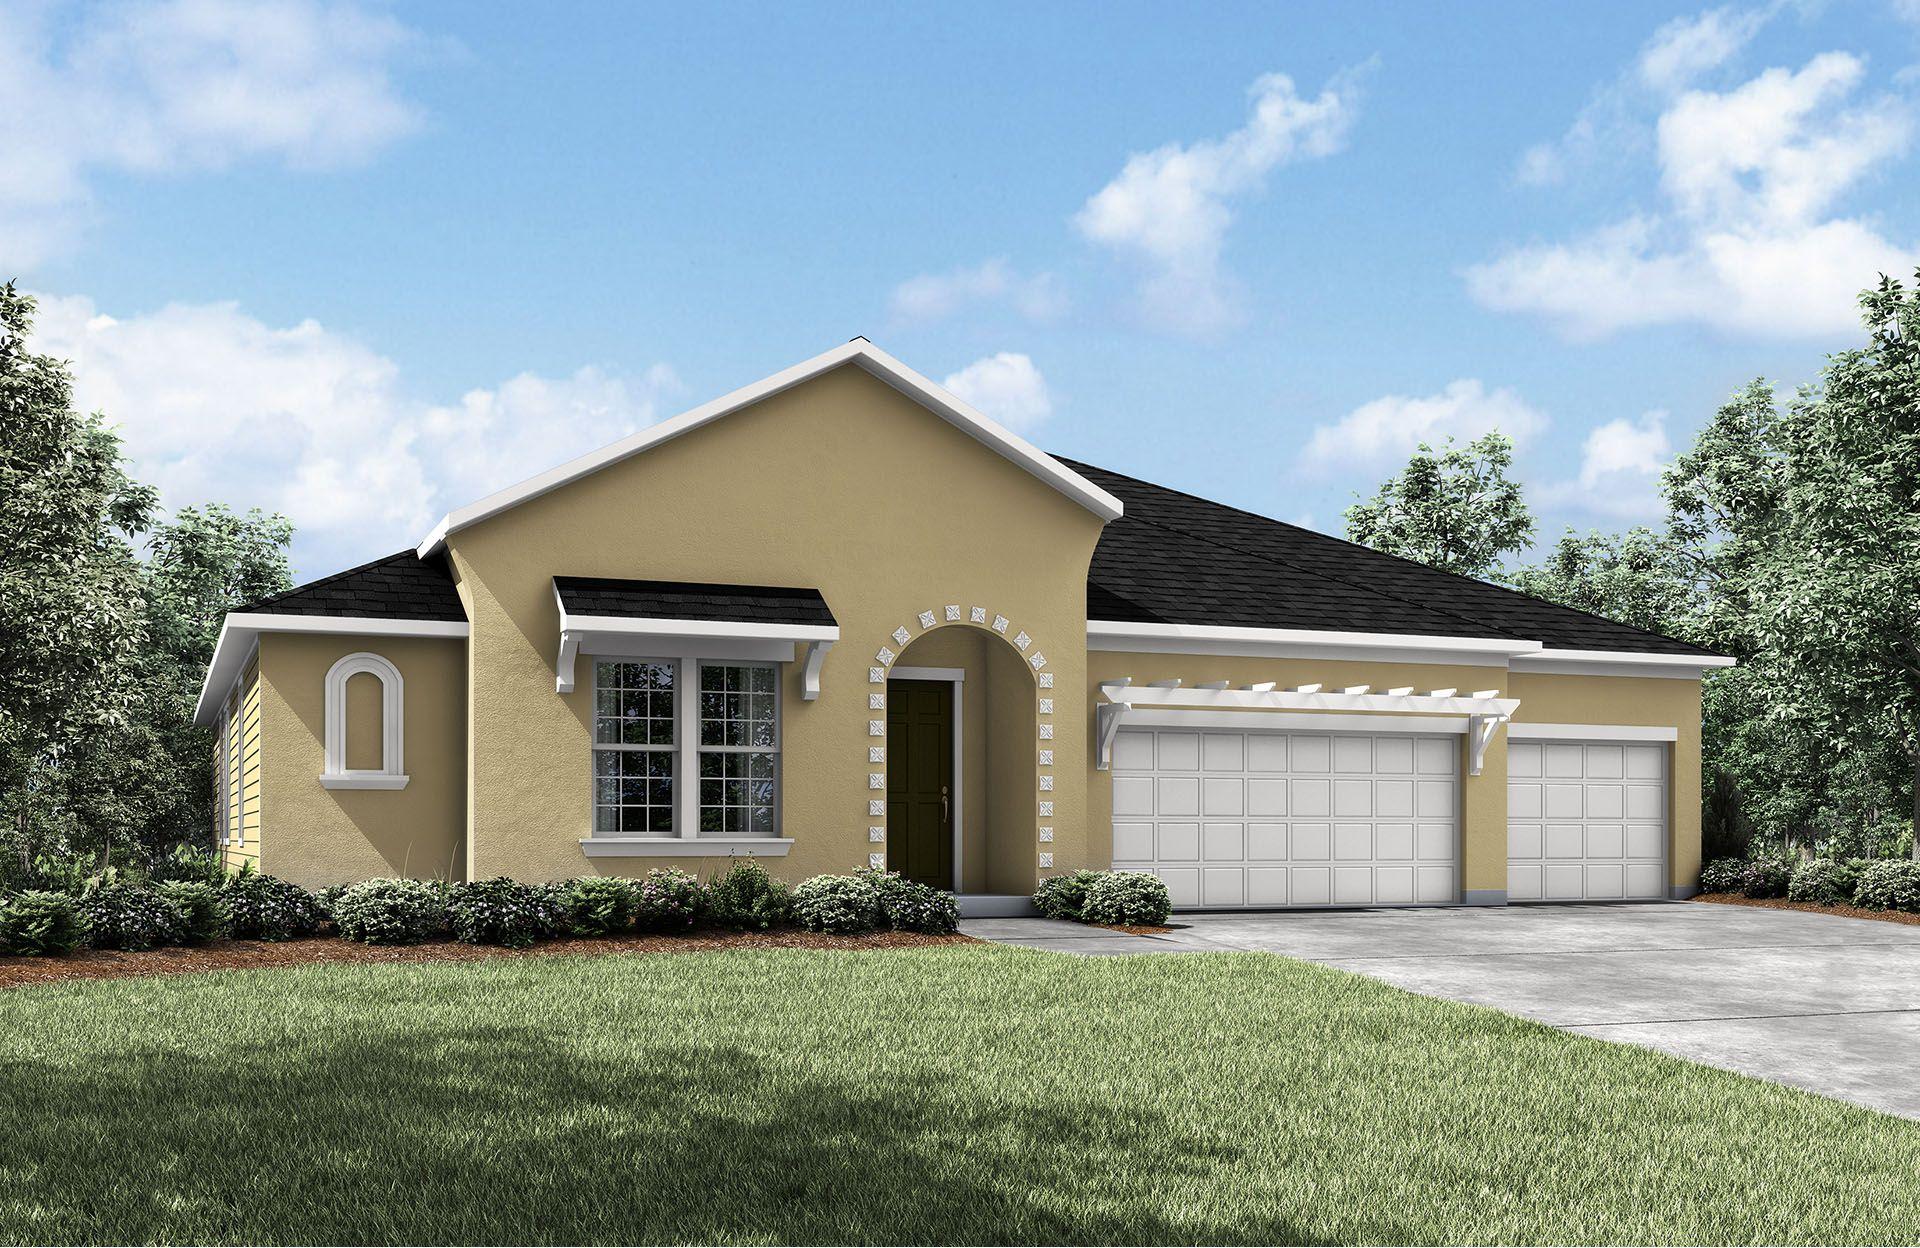 Uma única Família para Venda às Magnolia Point - Marco 3695 Red Hawk Ct. Green Cove Springs, Florida 32043 United States